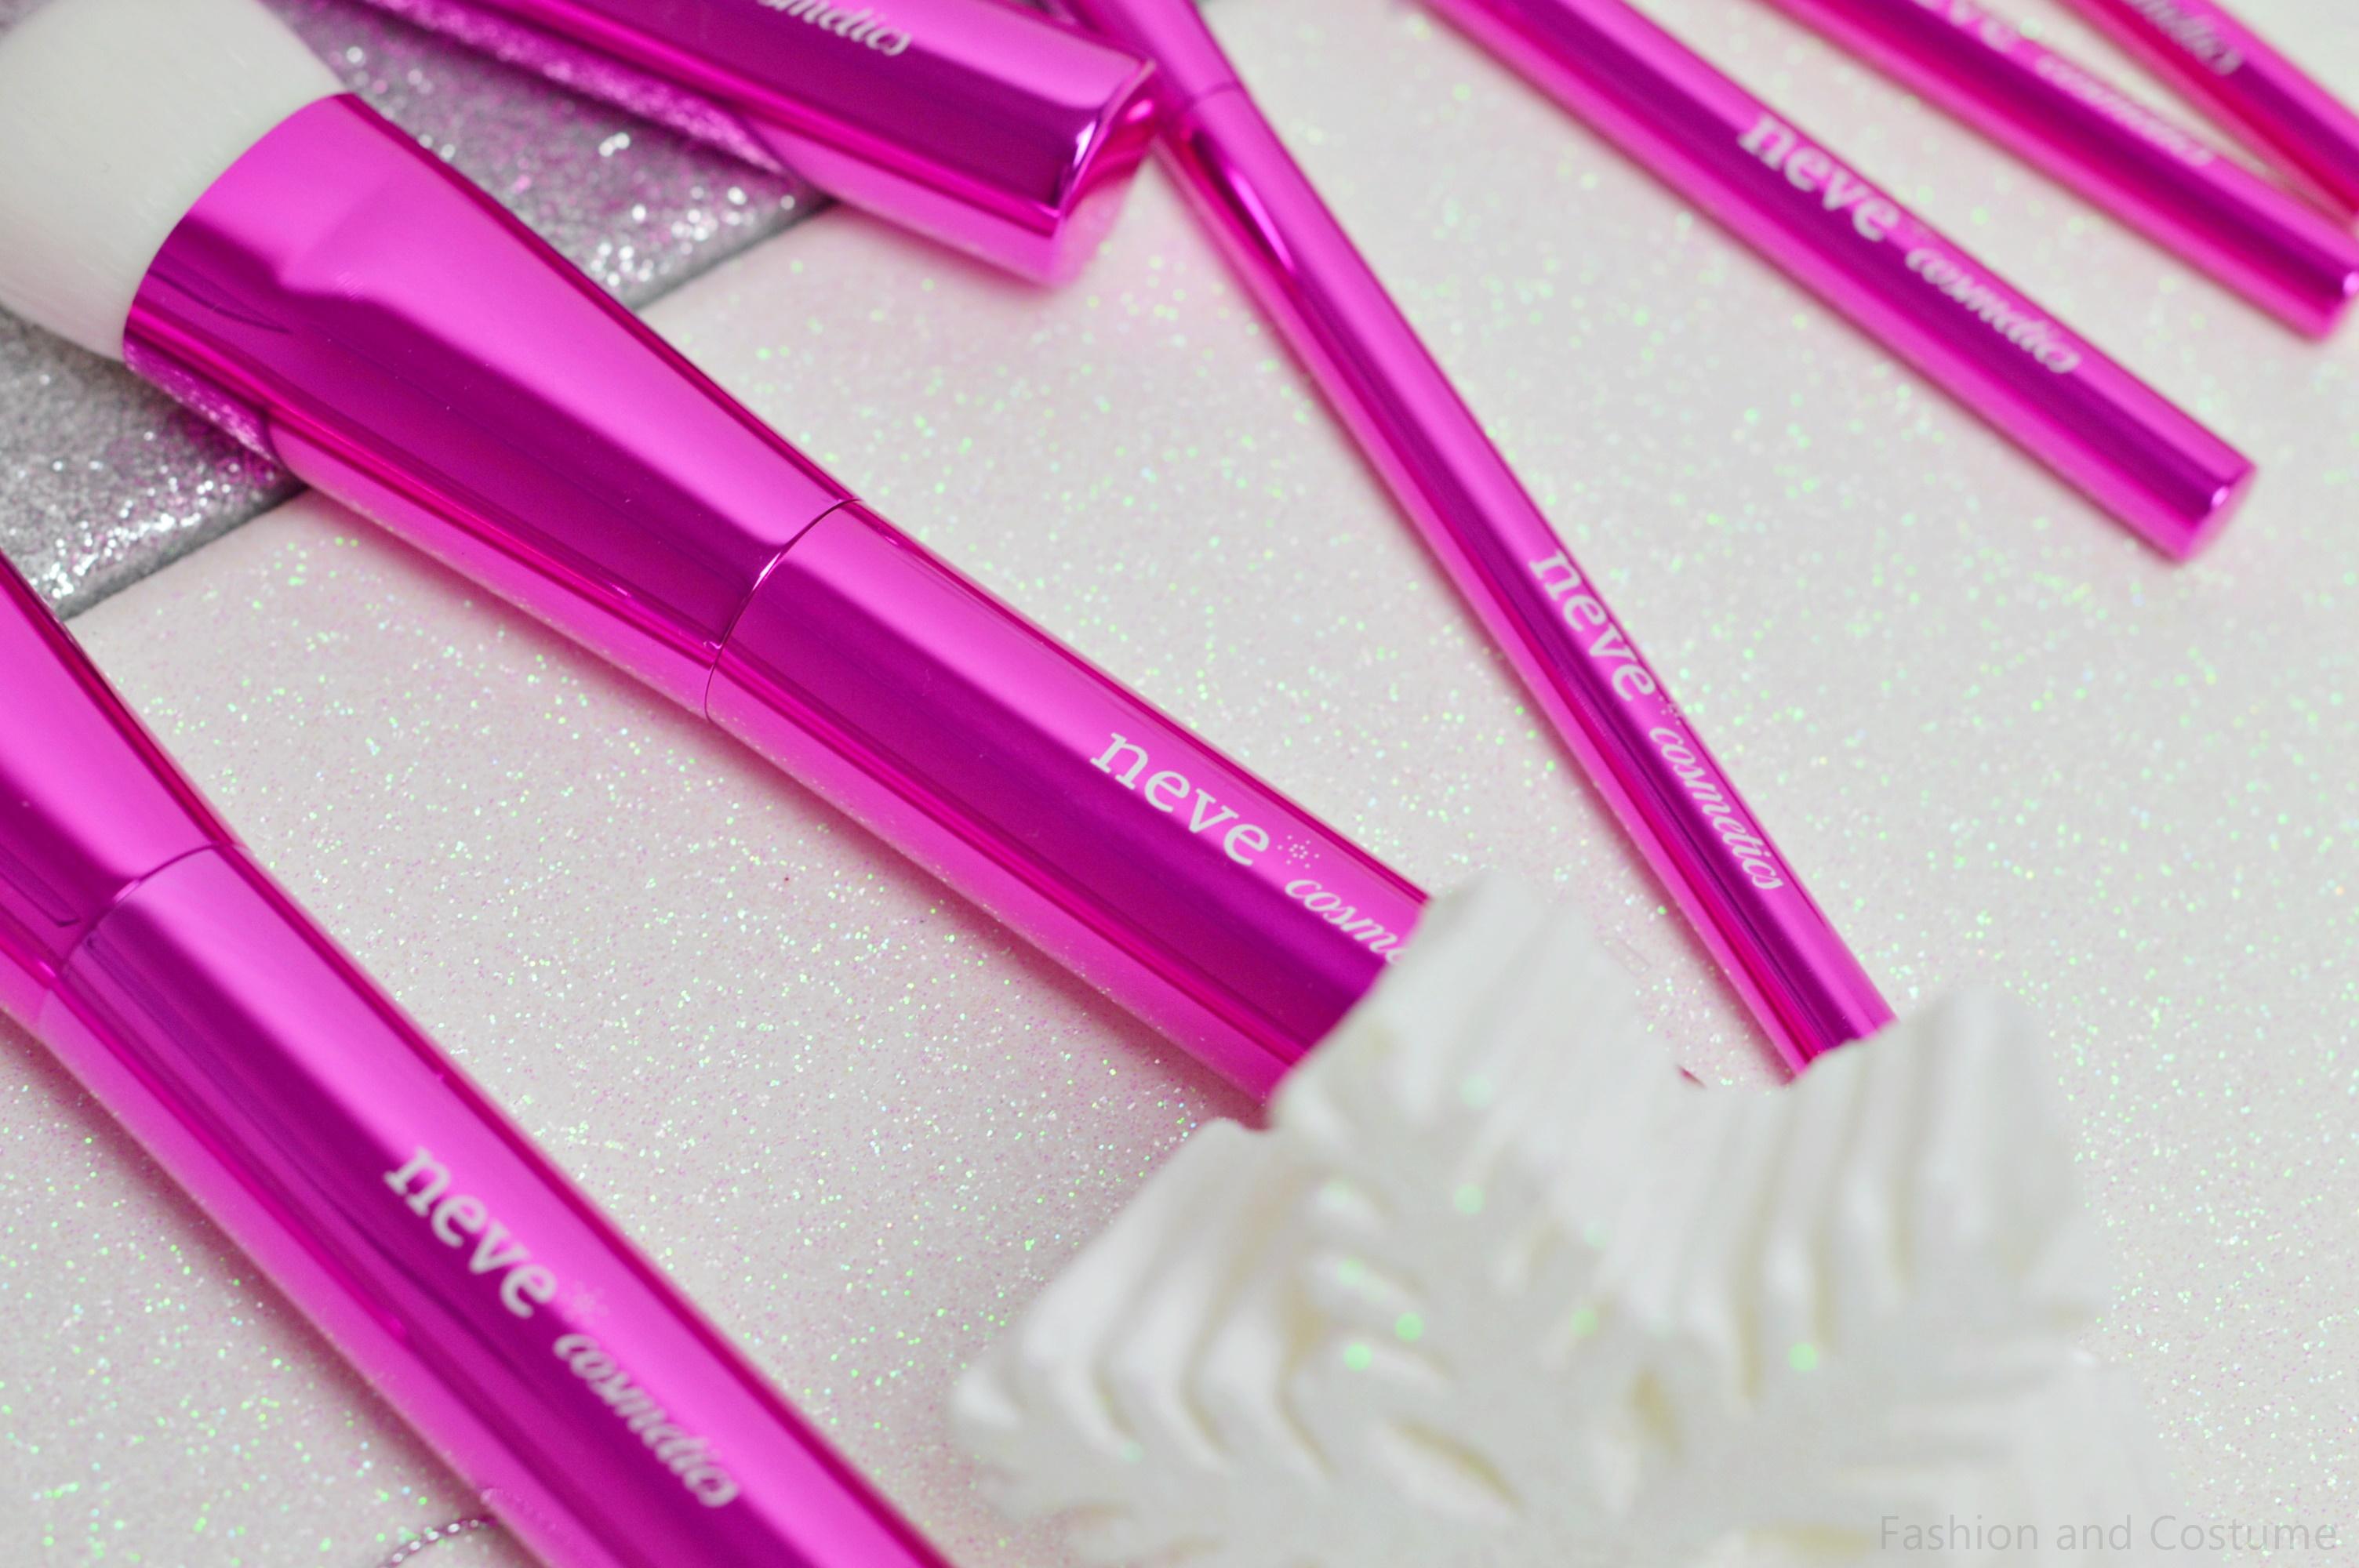 azalea-brushes-6